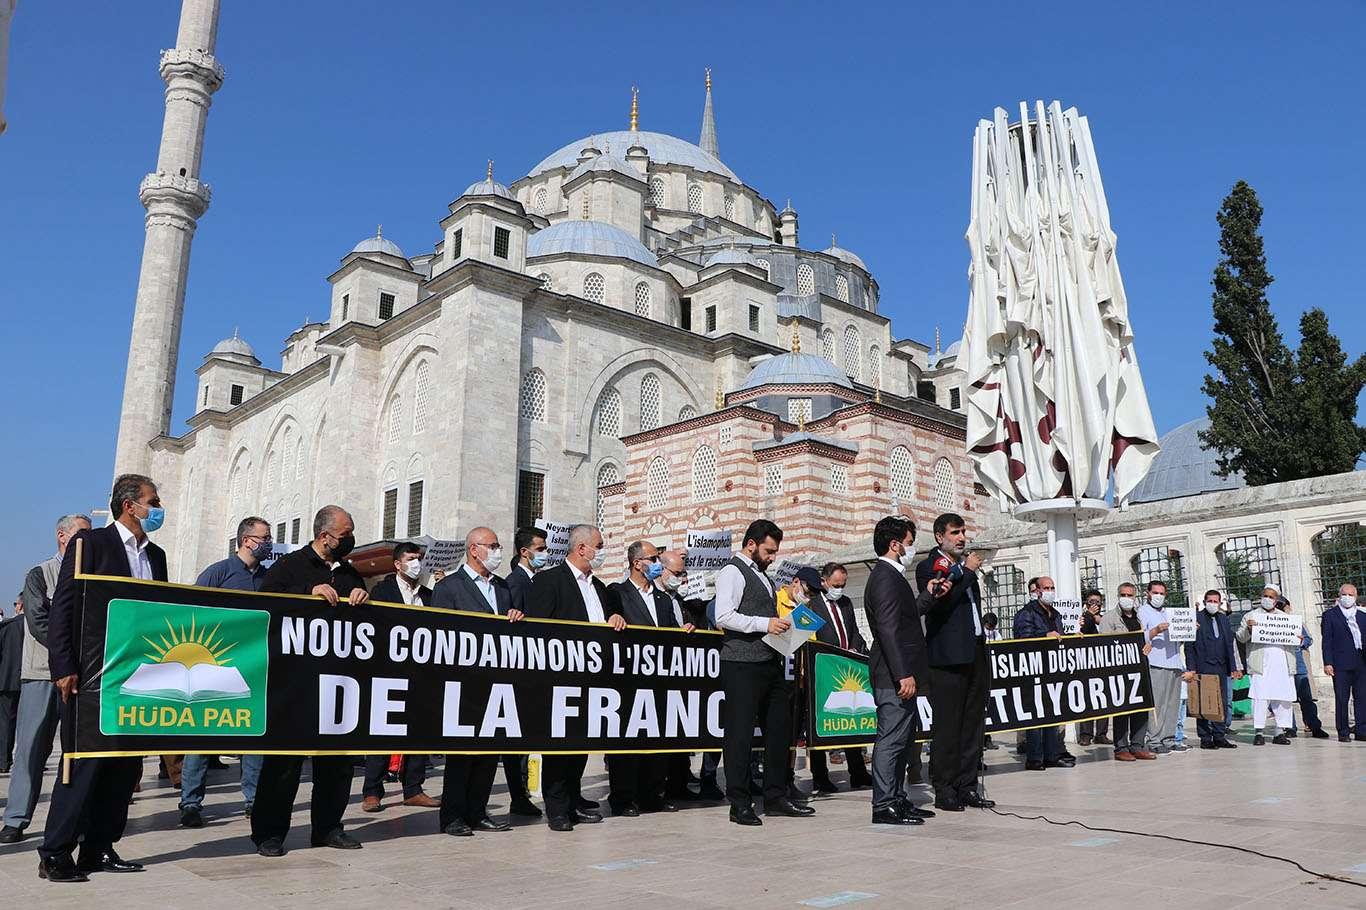 HÜDA-PAR Fransa'nın İslamofobik politikalarını protesto etti